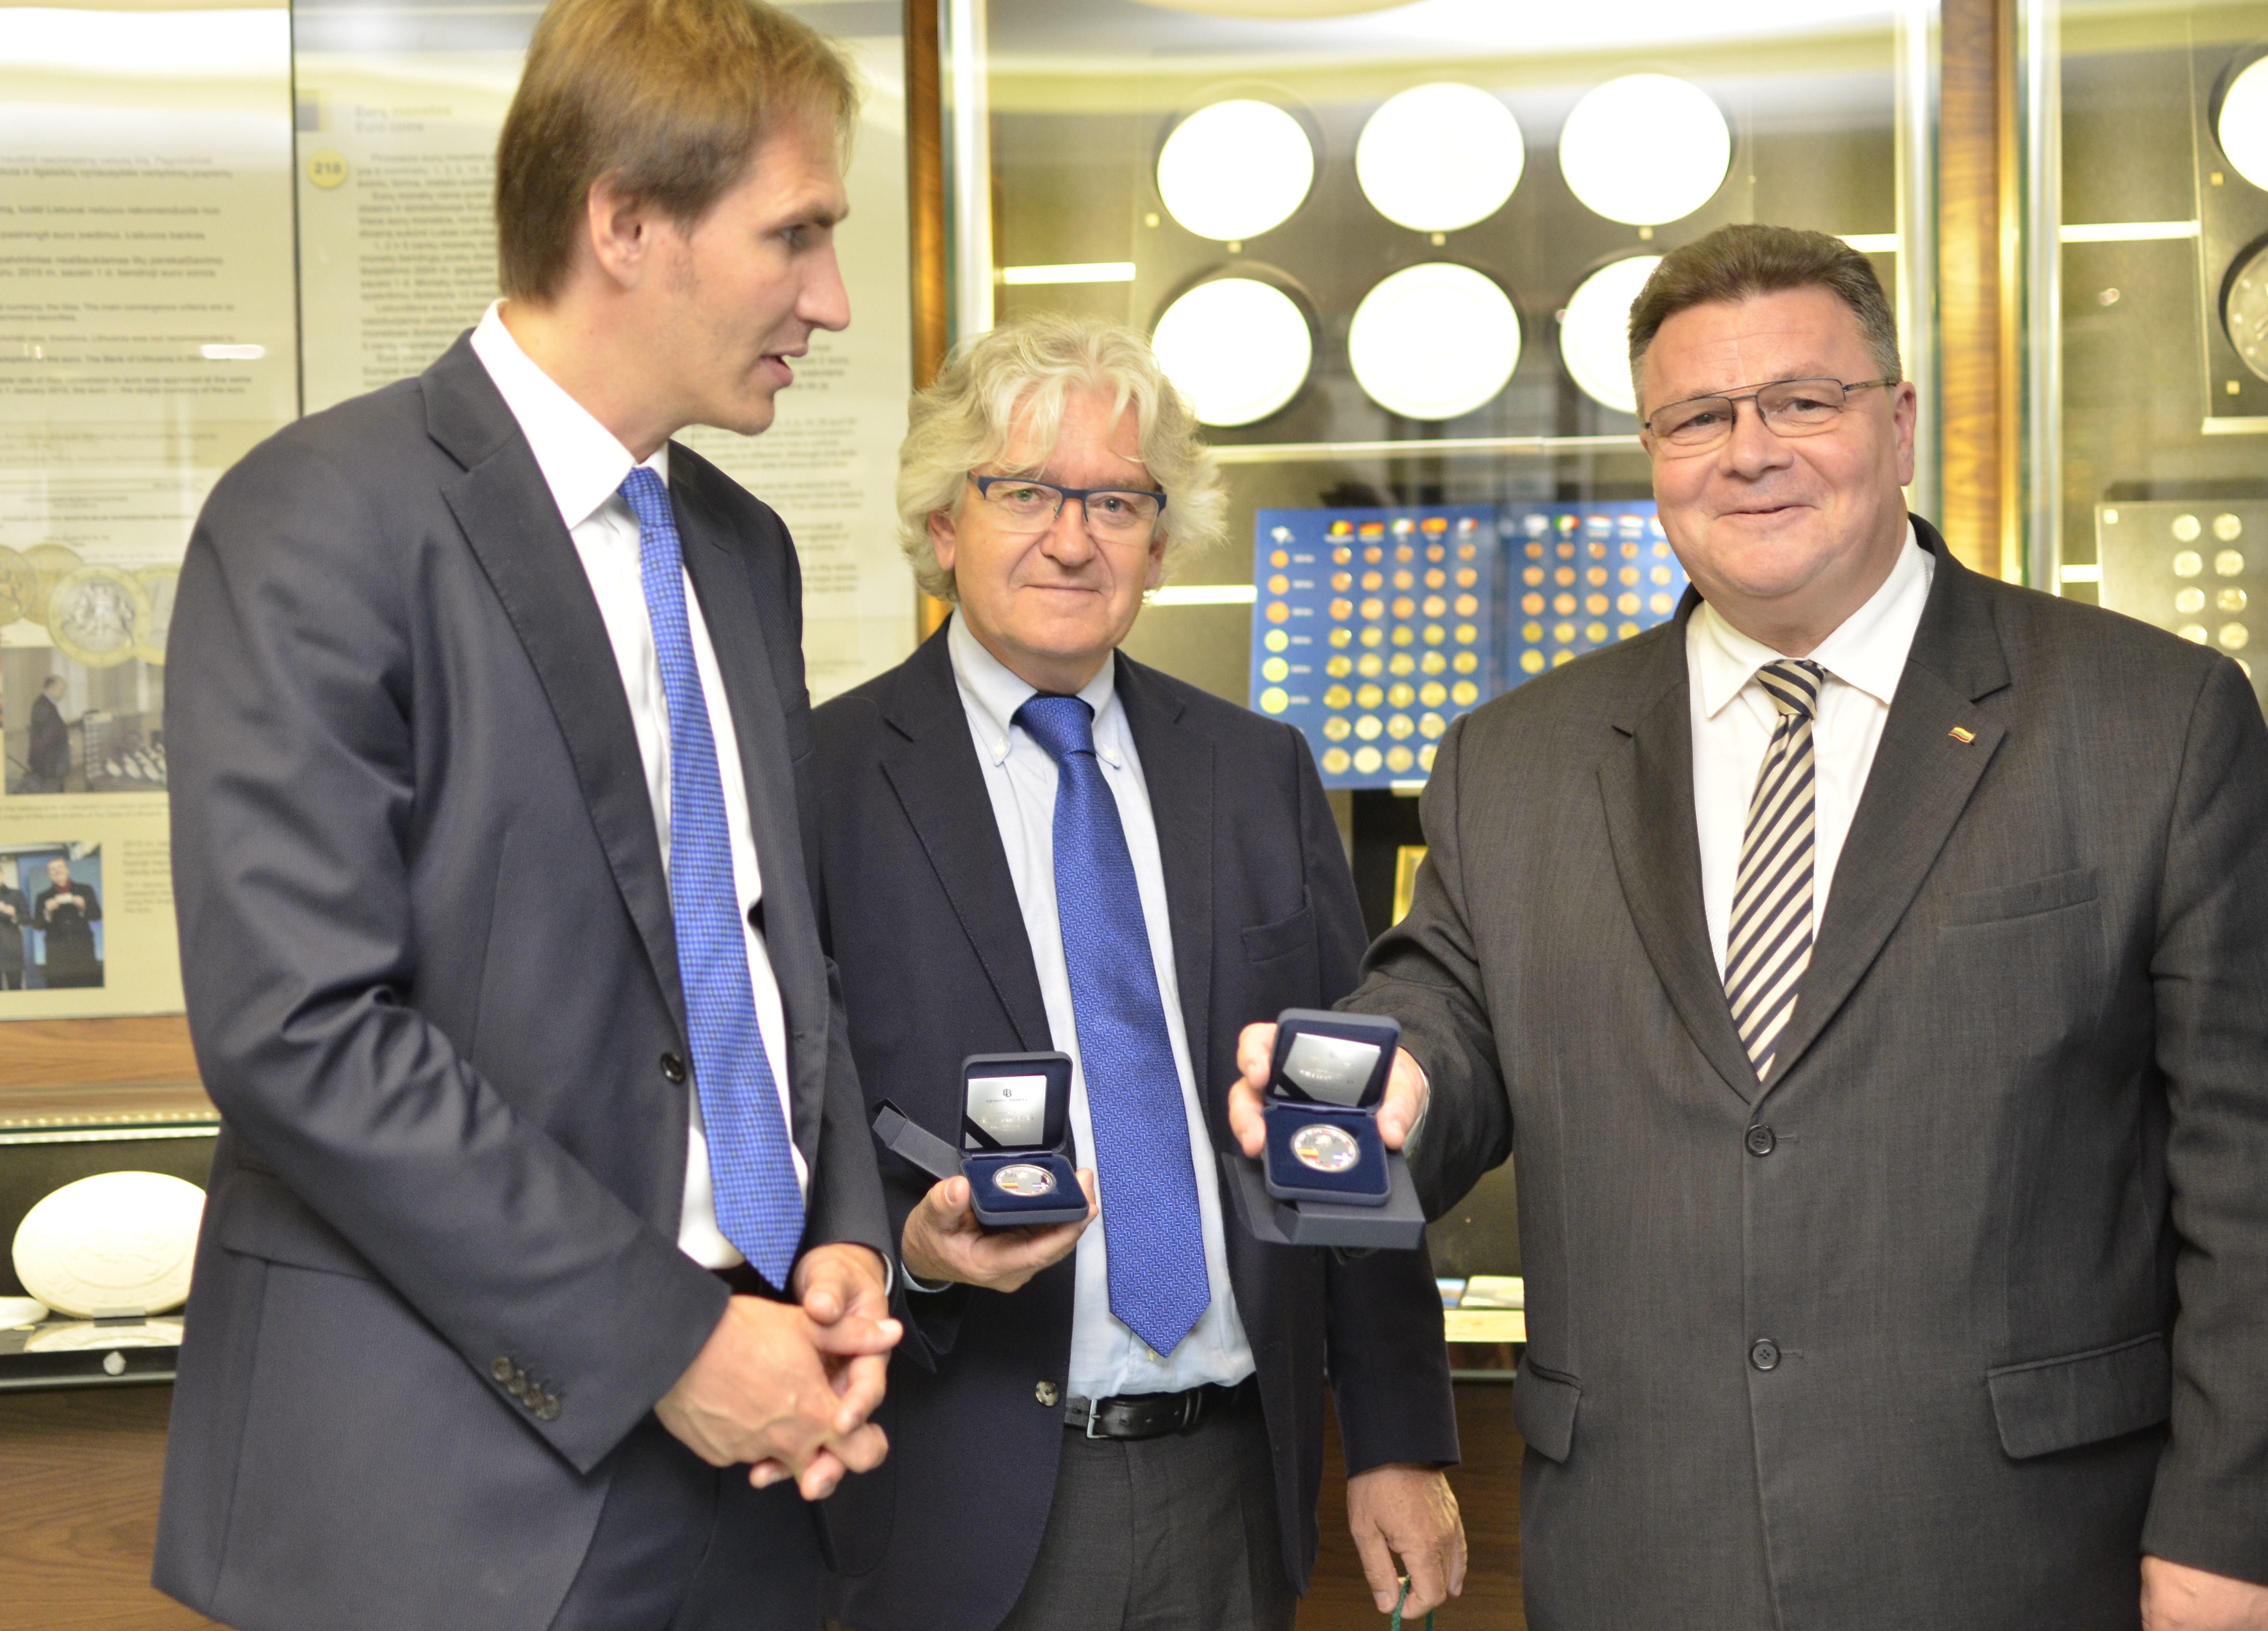 Nuotraukoje – L. Linkevičius su Danijos ambasadoriumi Danu E. Frederiksenu (viduryje) ir Lietuvos banko valdybos nariu Mariumi Jurgilu (pirmas iš kairės).